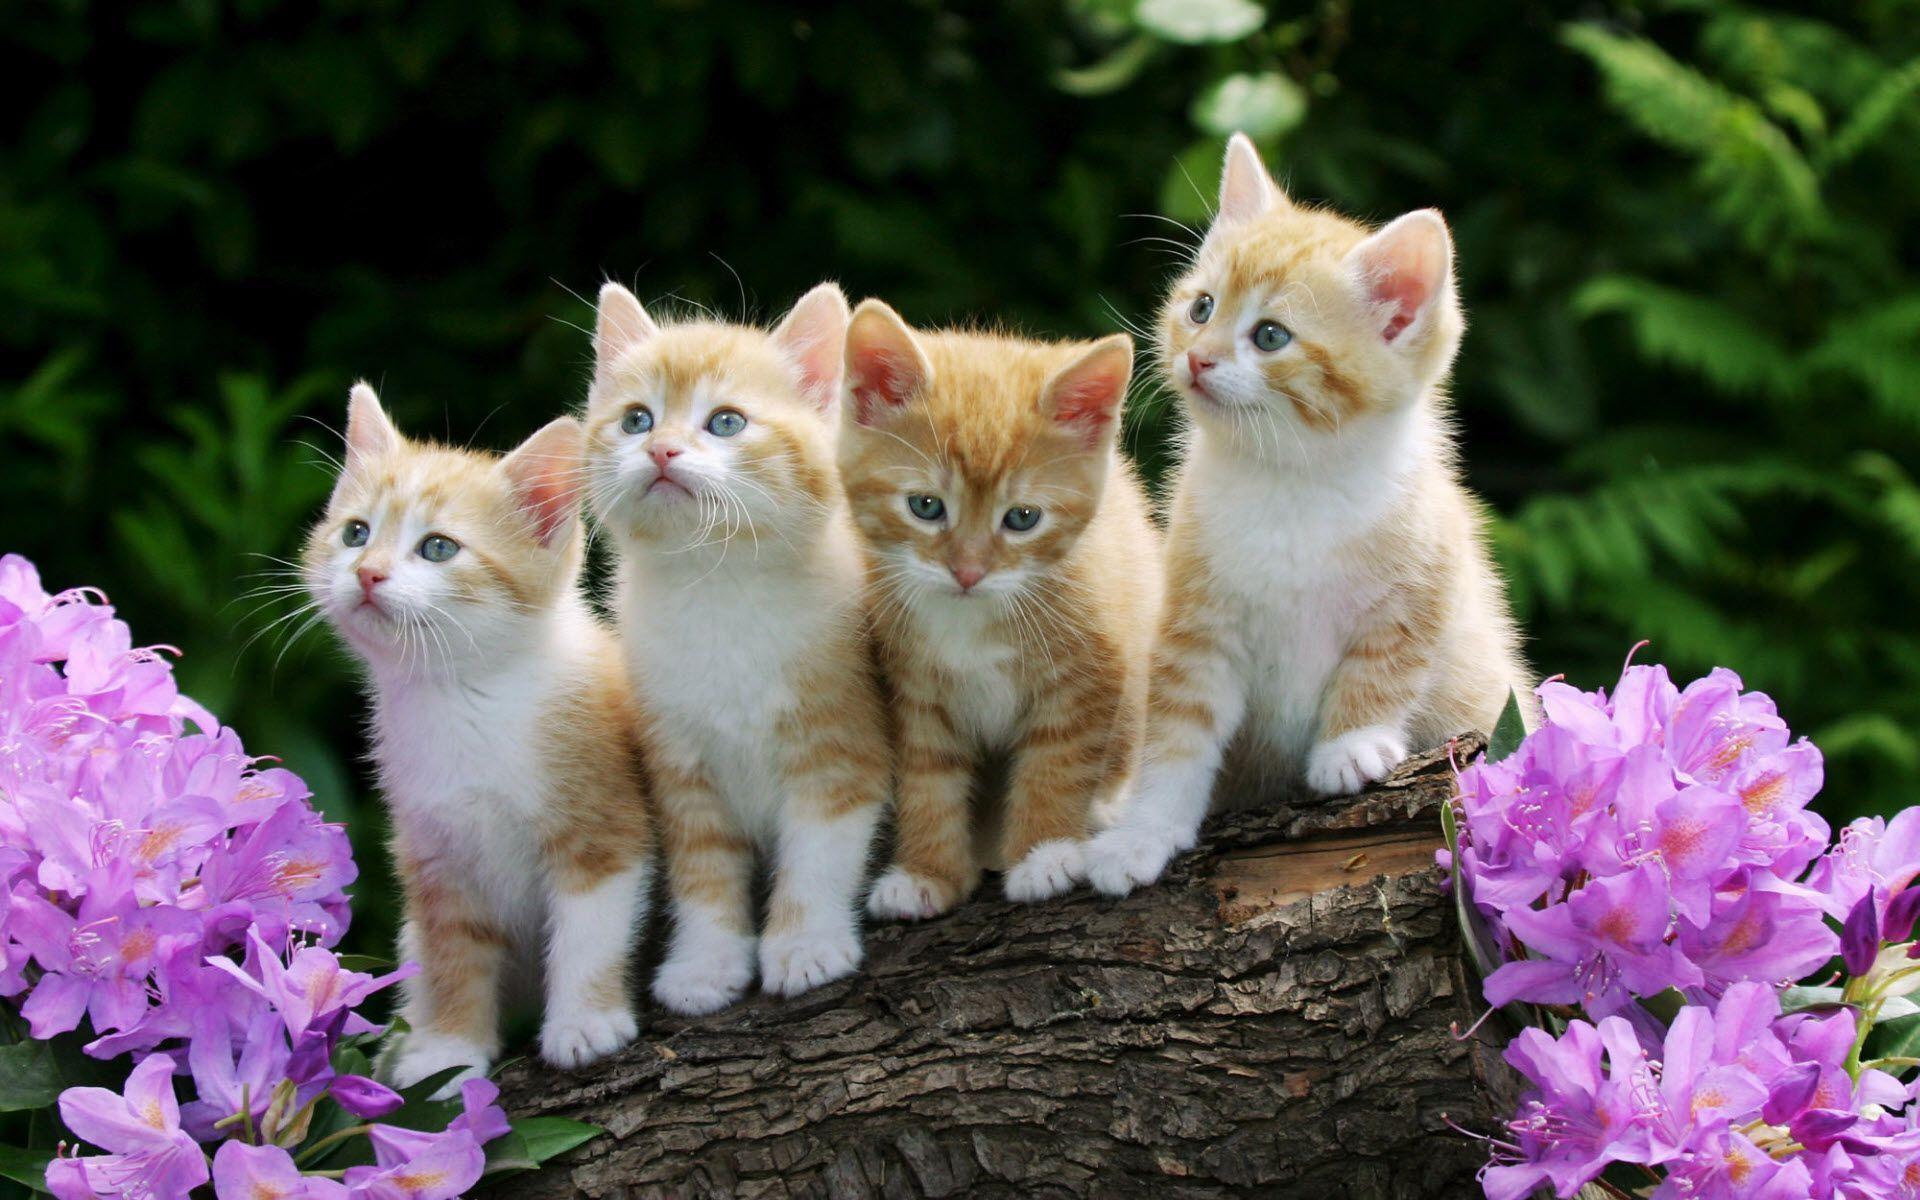 curious_kittens-wide.jpg